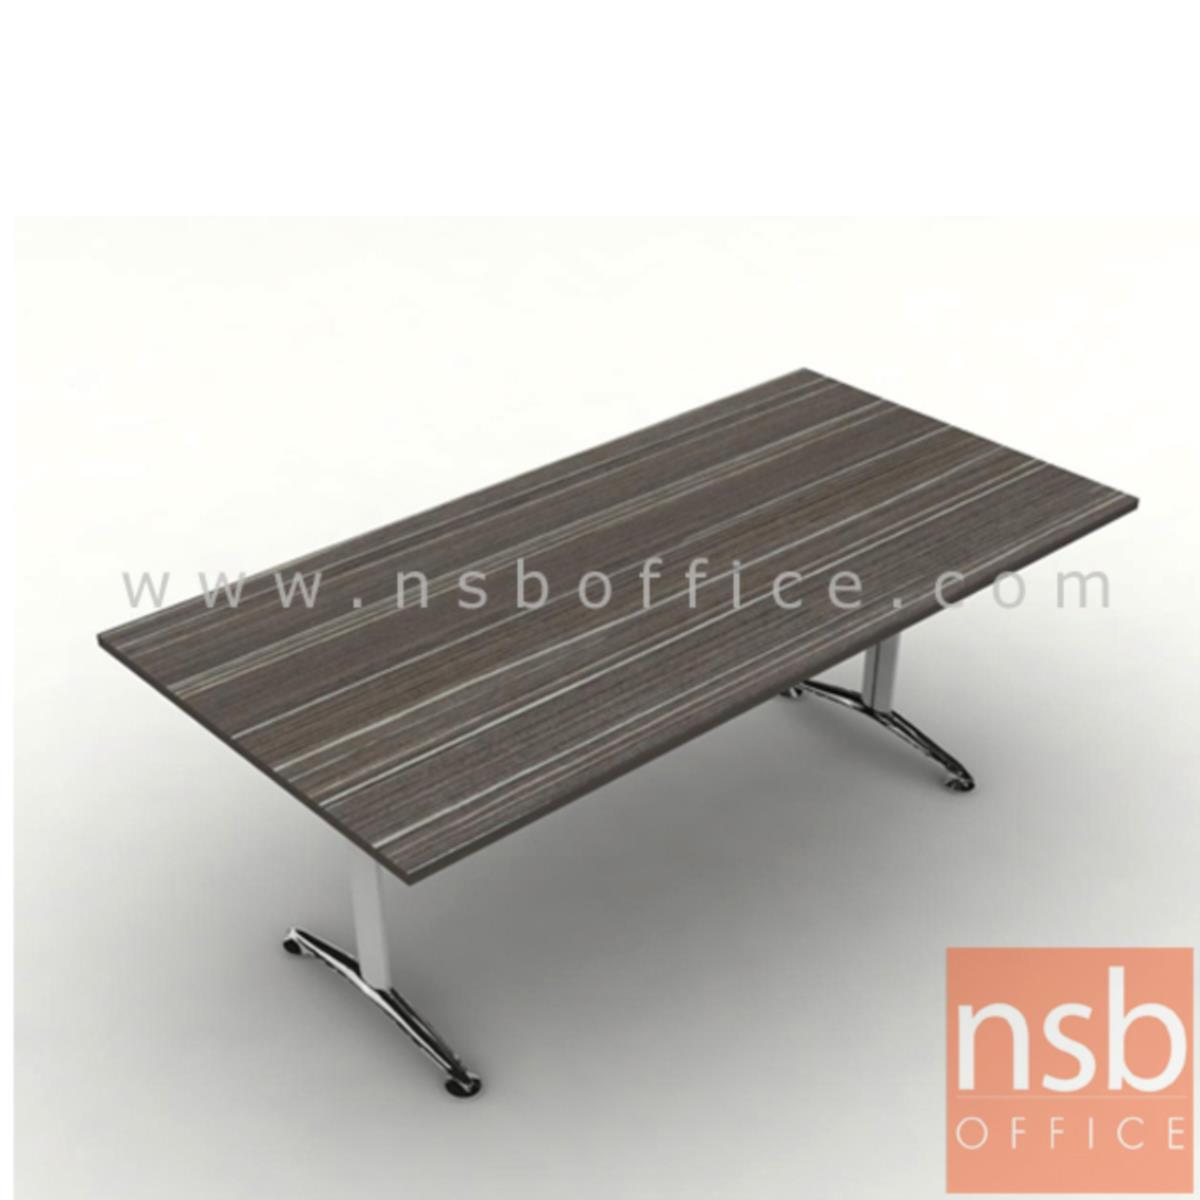 โต๊ะประชุมทรงสี่เหลี่ยม  รุ่น Quirinus 8 ,10 ที่นั่ง ขนาด 200W ,240W cm.  ขาเหล็กตัวที